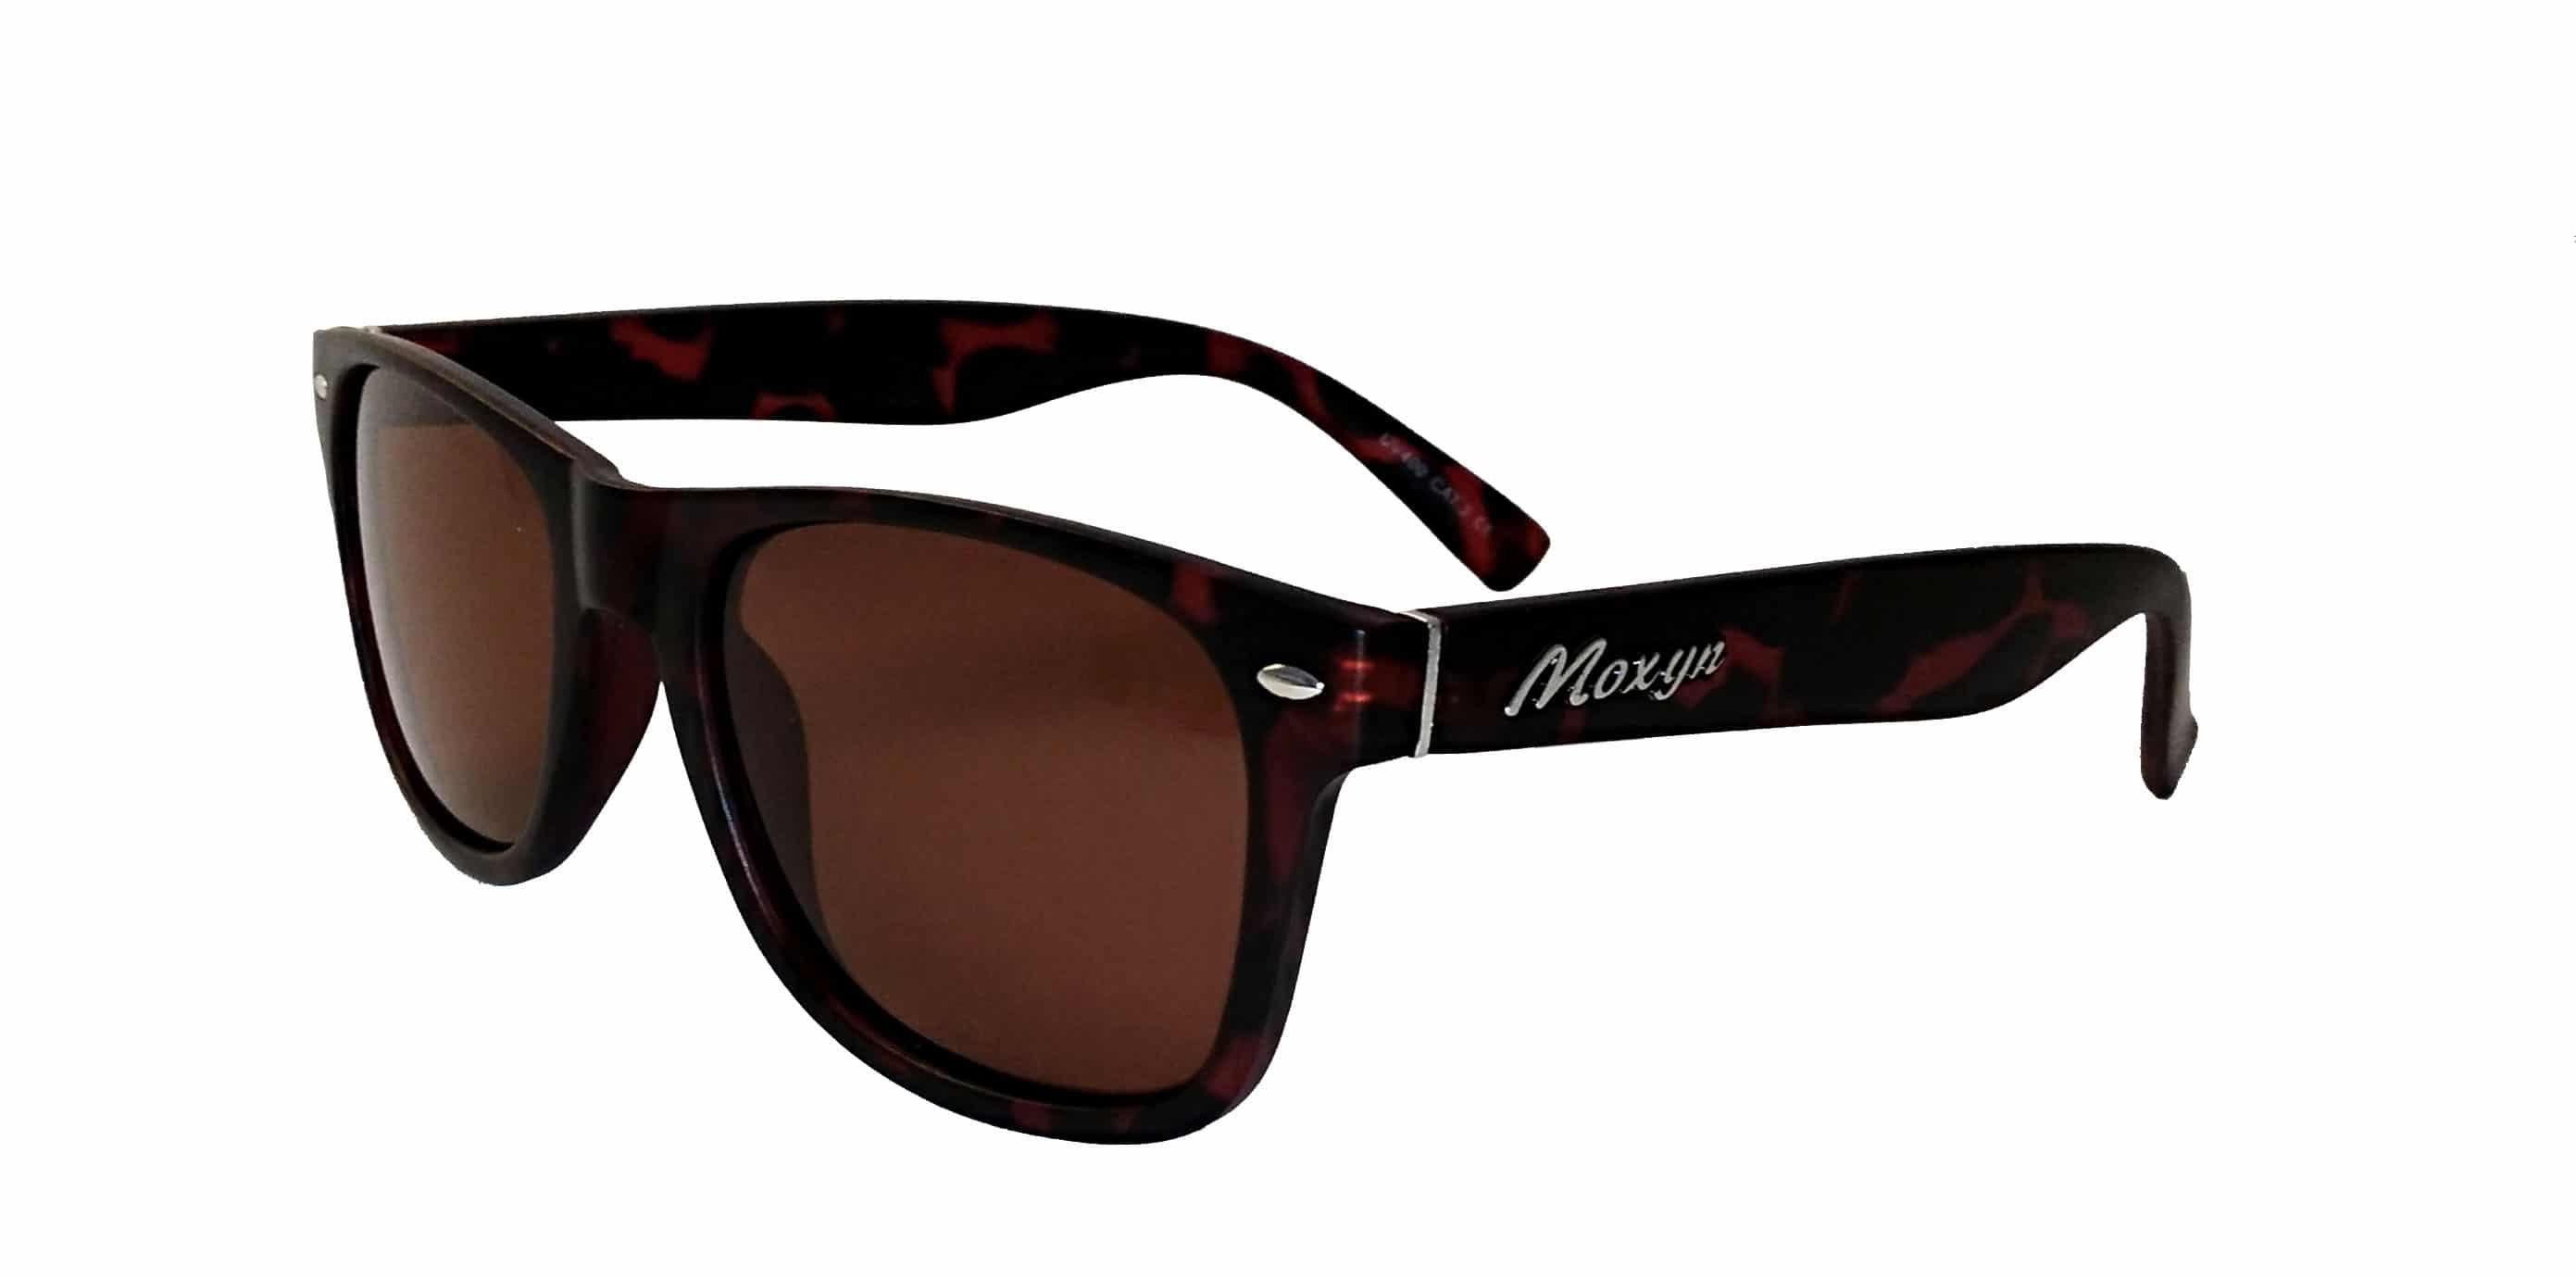 Gafas de sol polarizadas forward gafas de sol gafas de - Emoticono gafas de sol ...